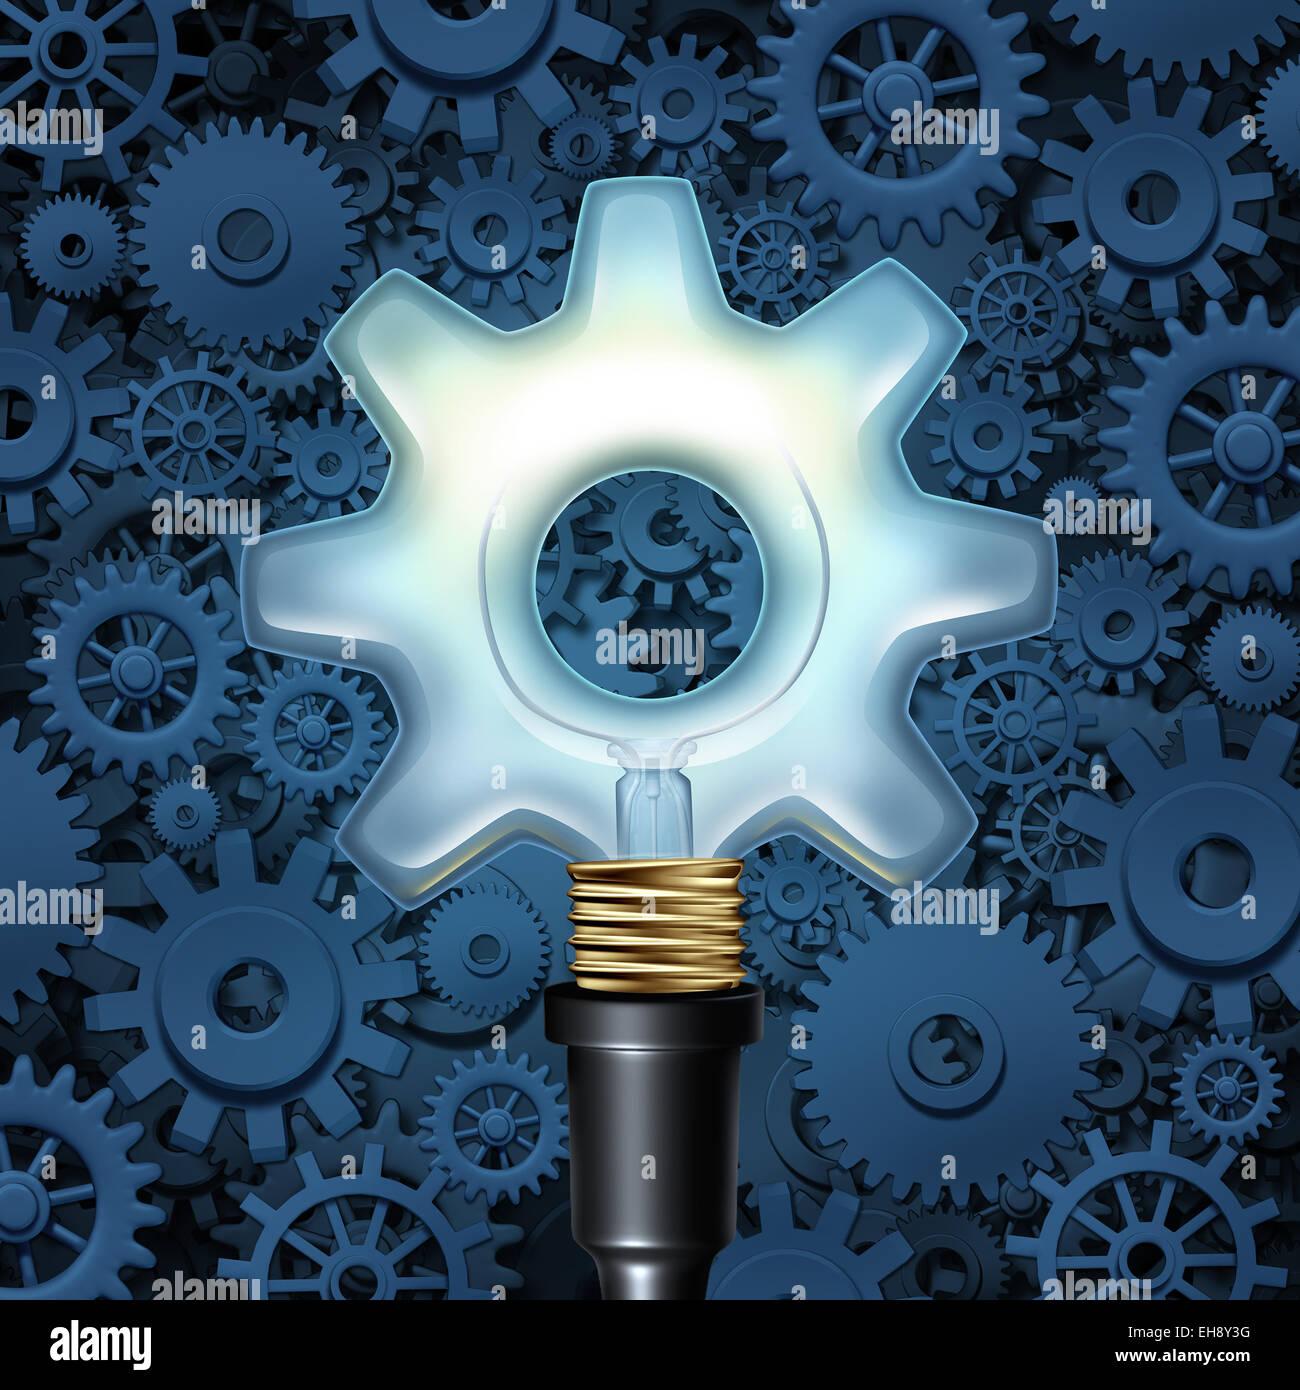 Ampoule avec gears concept commercial comme une lumière en forme de roue dentée avec des pièces de Photo Stock